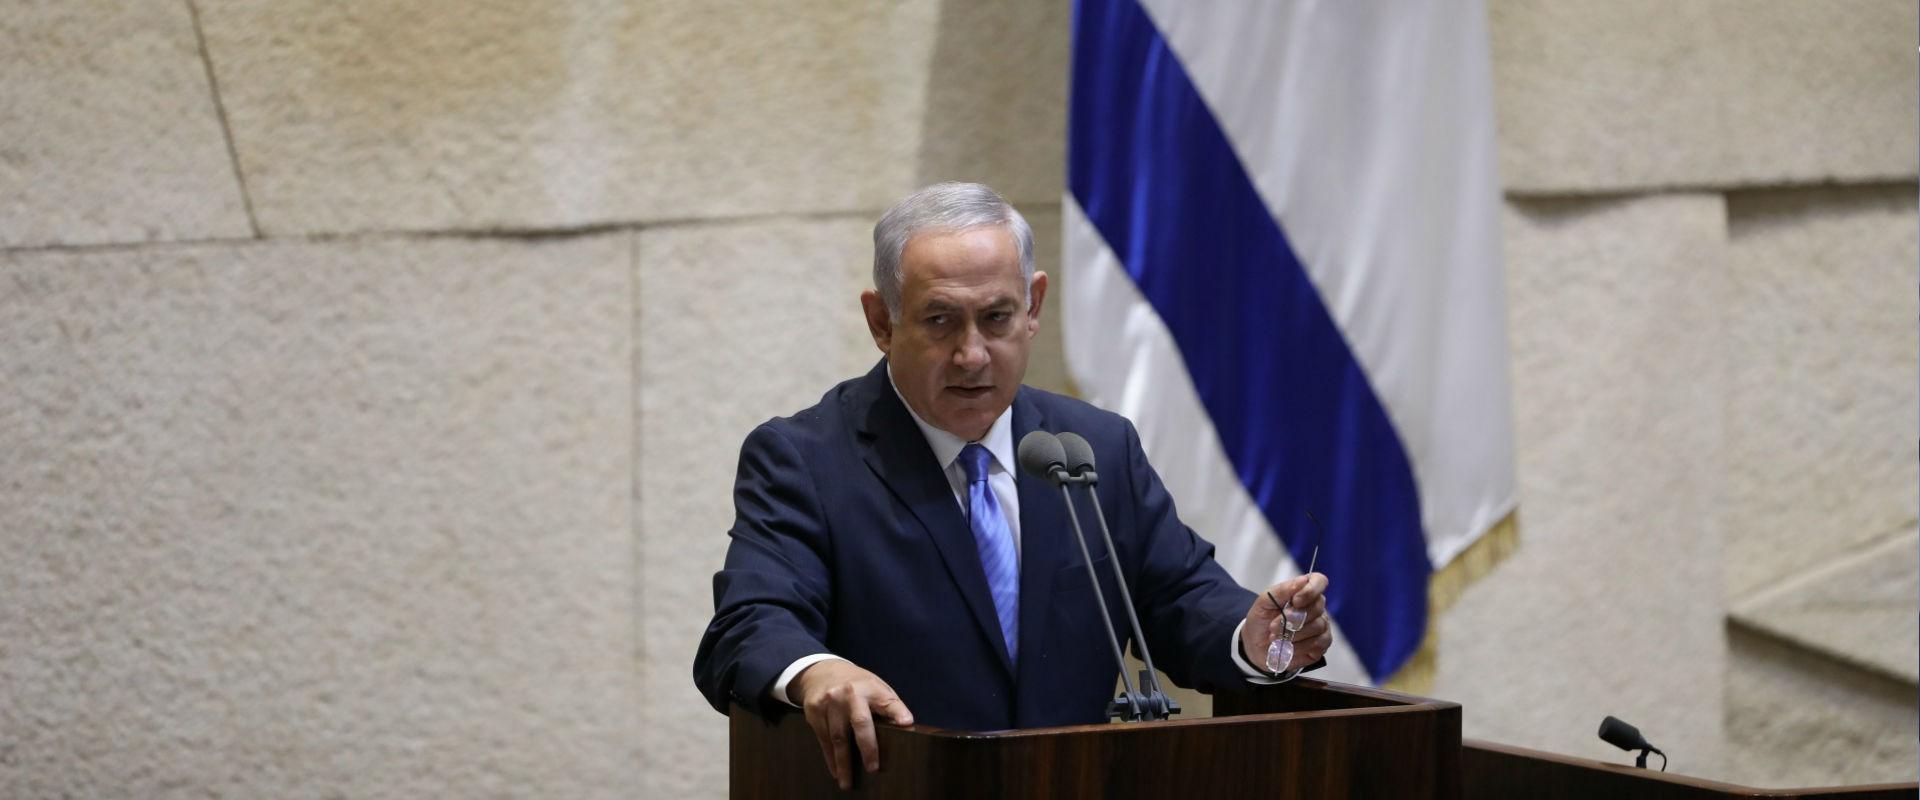 ראש הממשלה בנימין נתניהו בישיבת הכנסת לזכר יצחק רב